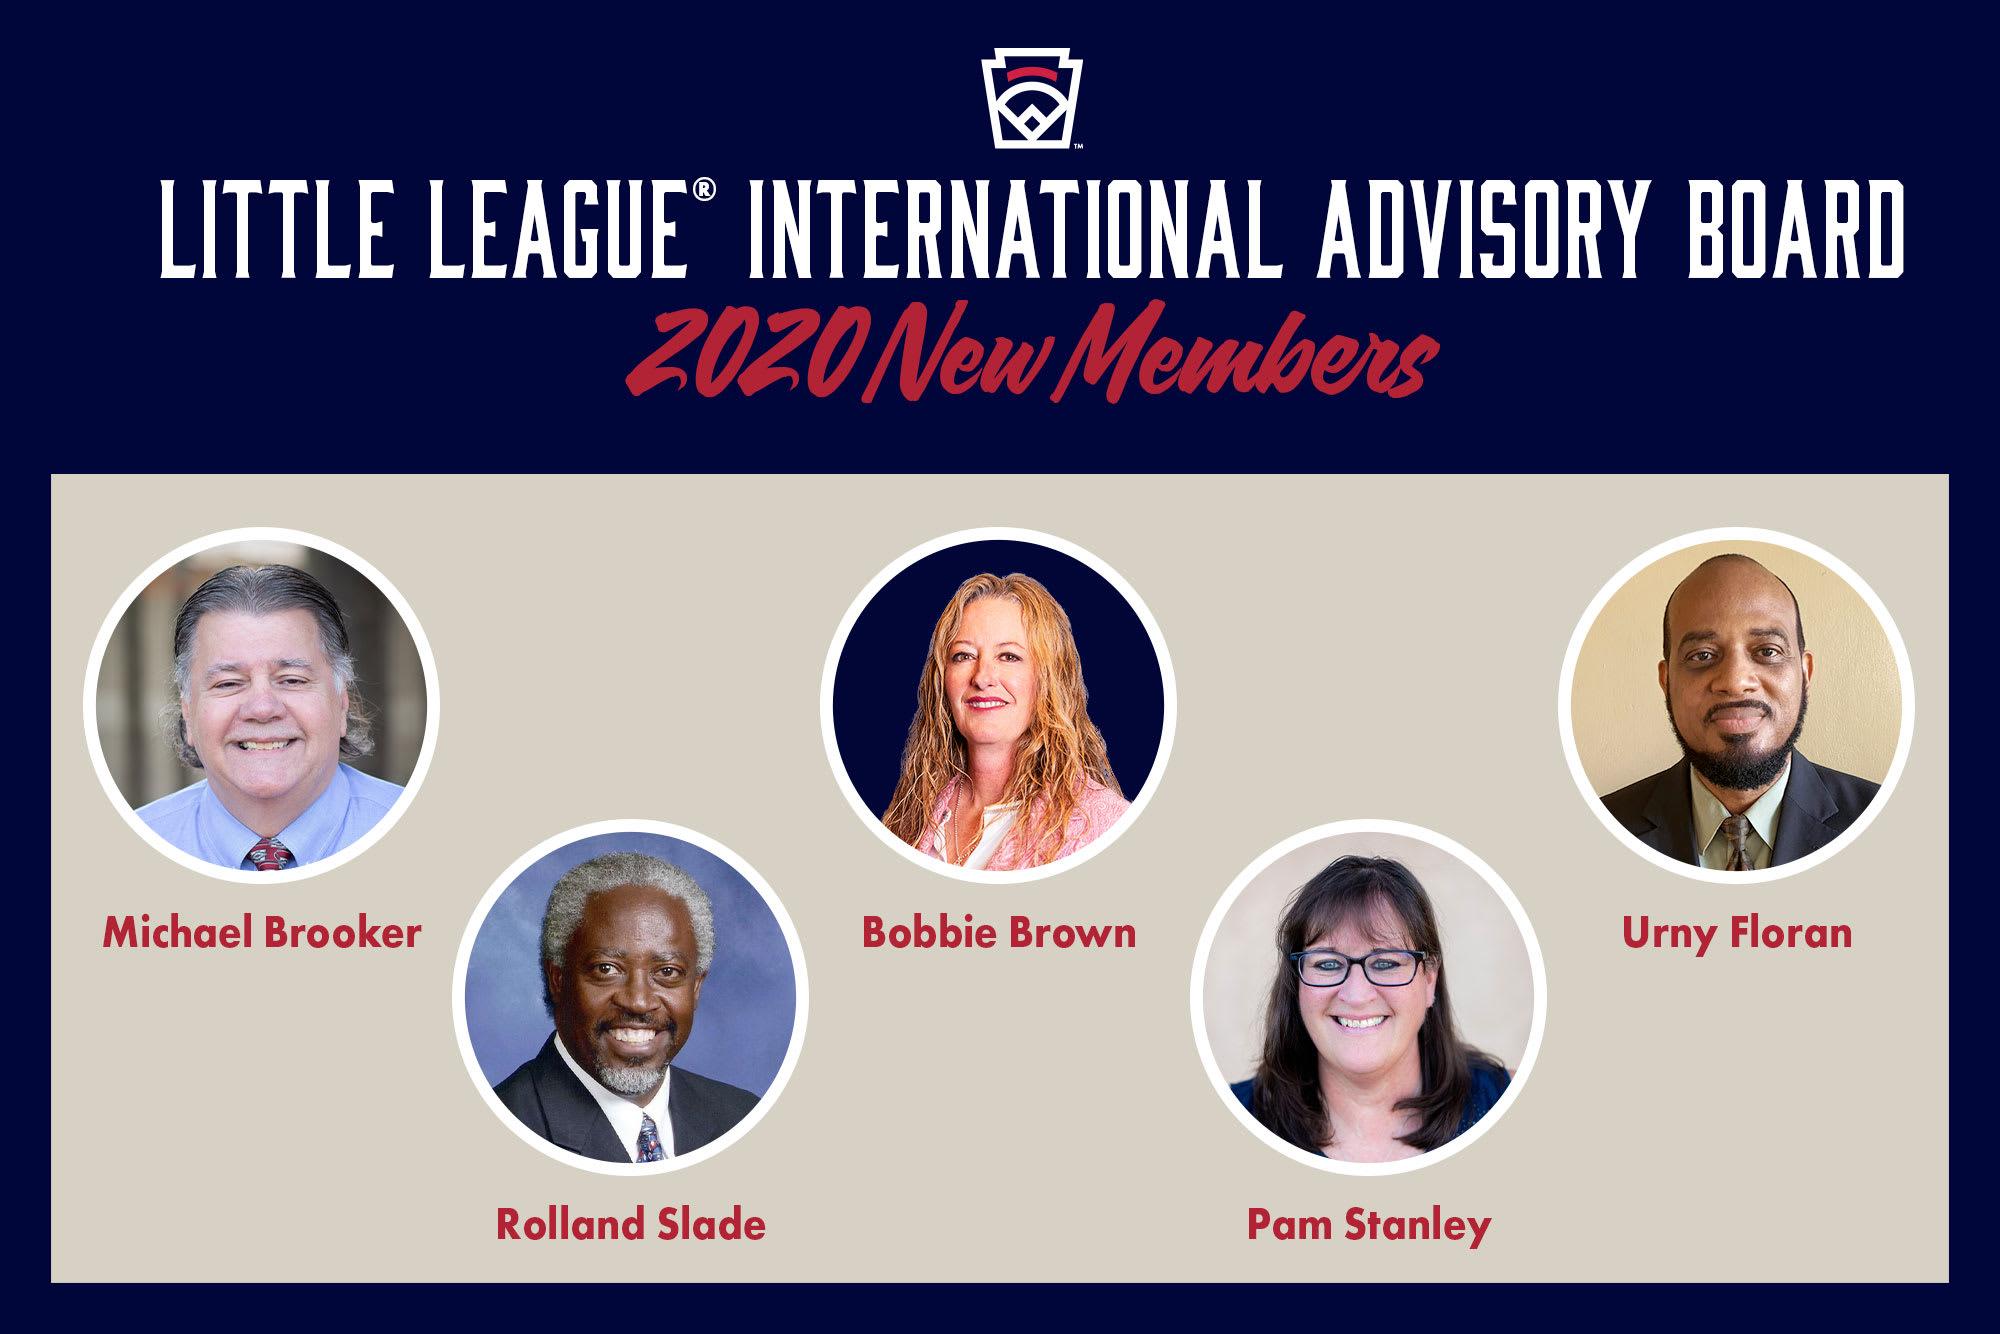 2020 Advisory Board